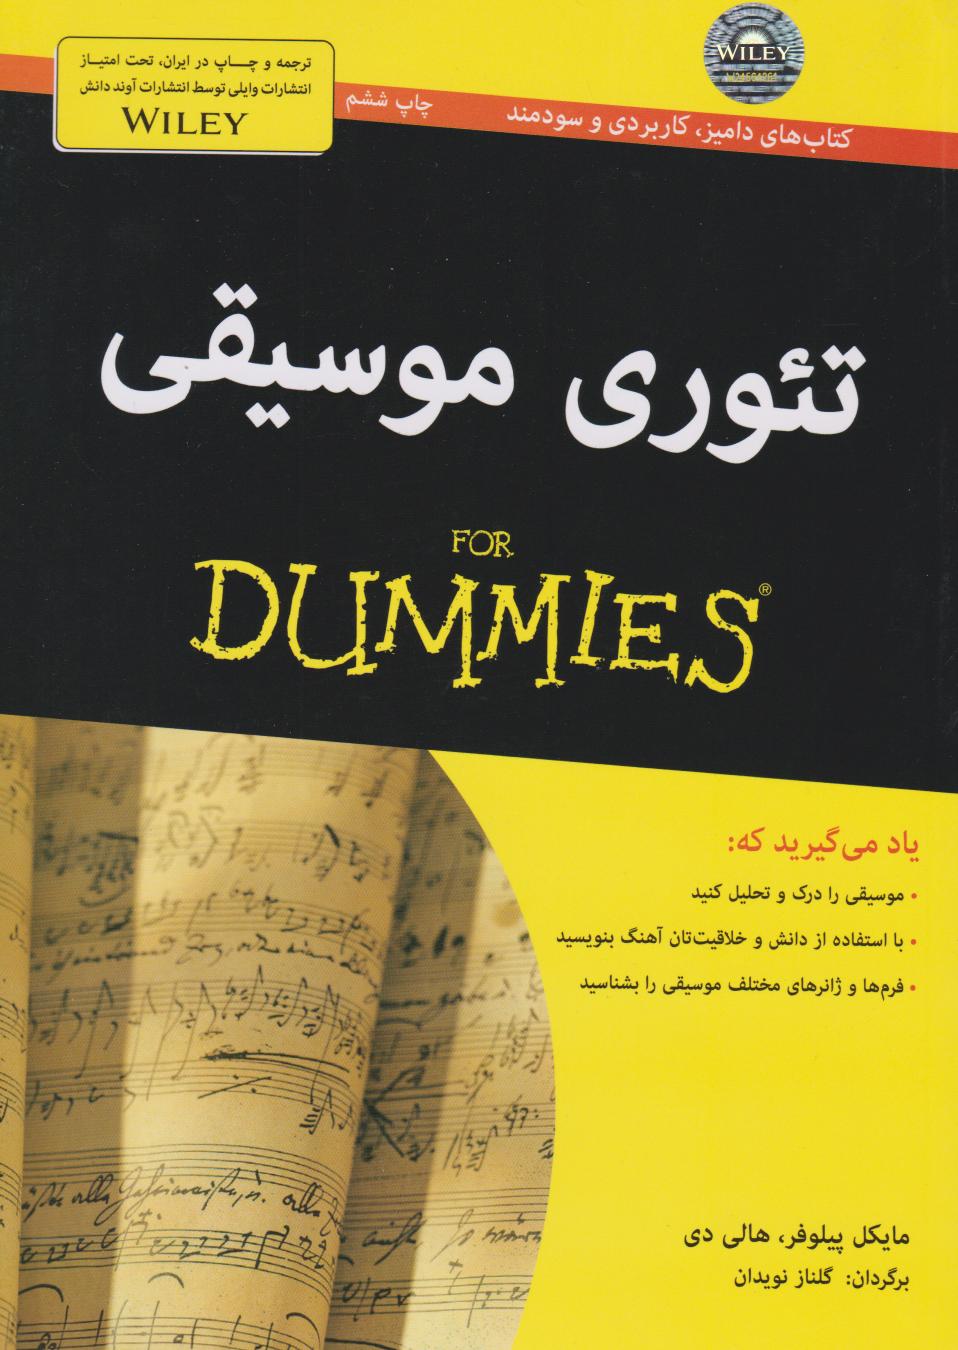 کتاب تئوری موسیقی DUMMIES مایکل پیلوفر هالی دی انتشارات آوند دانش